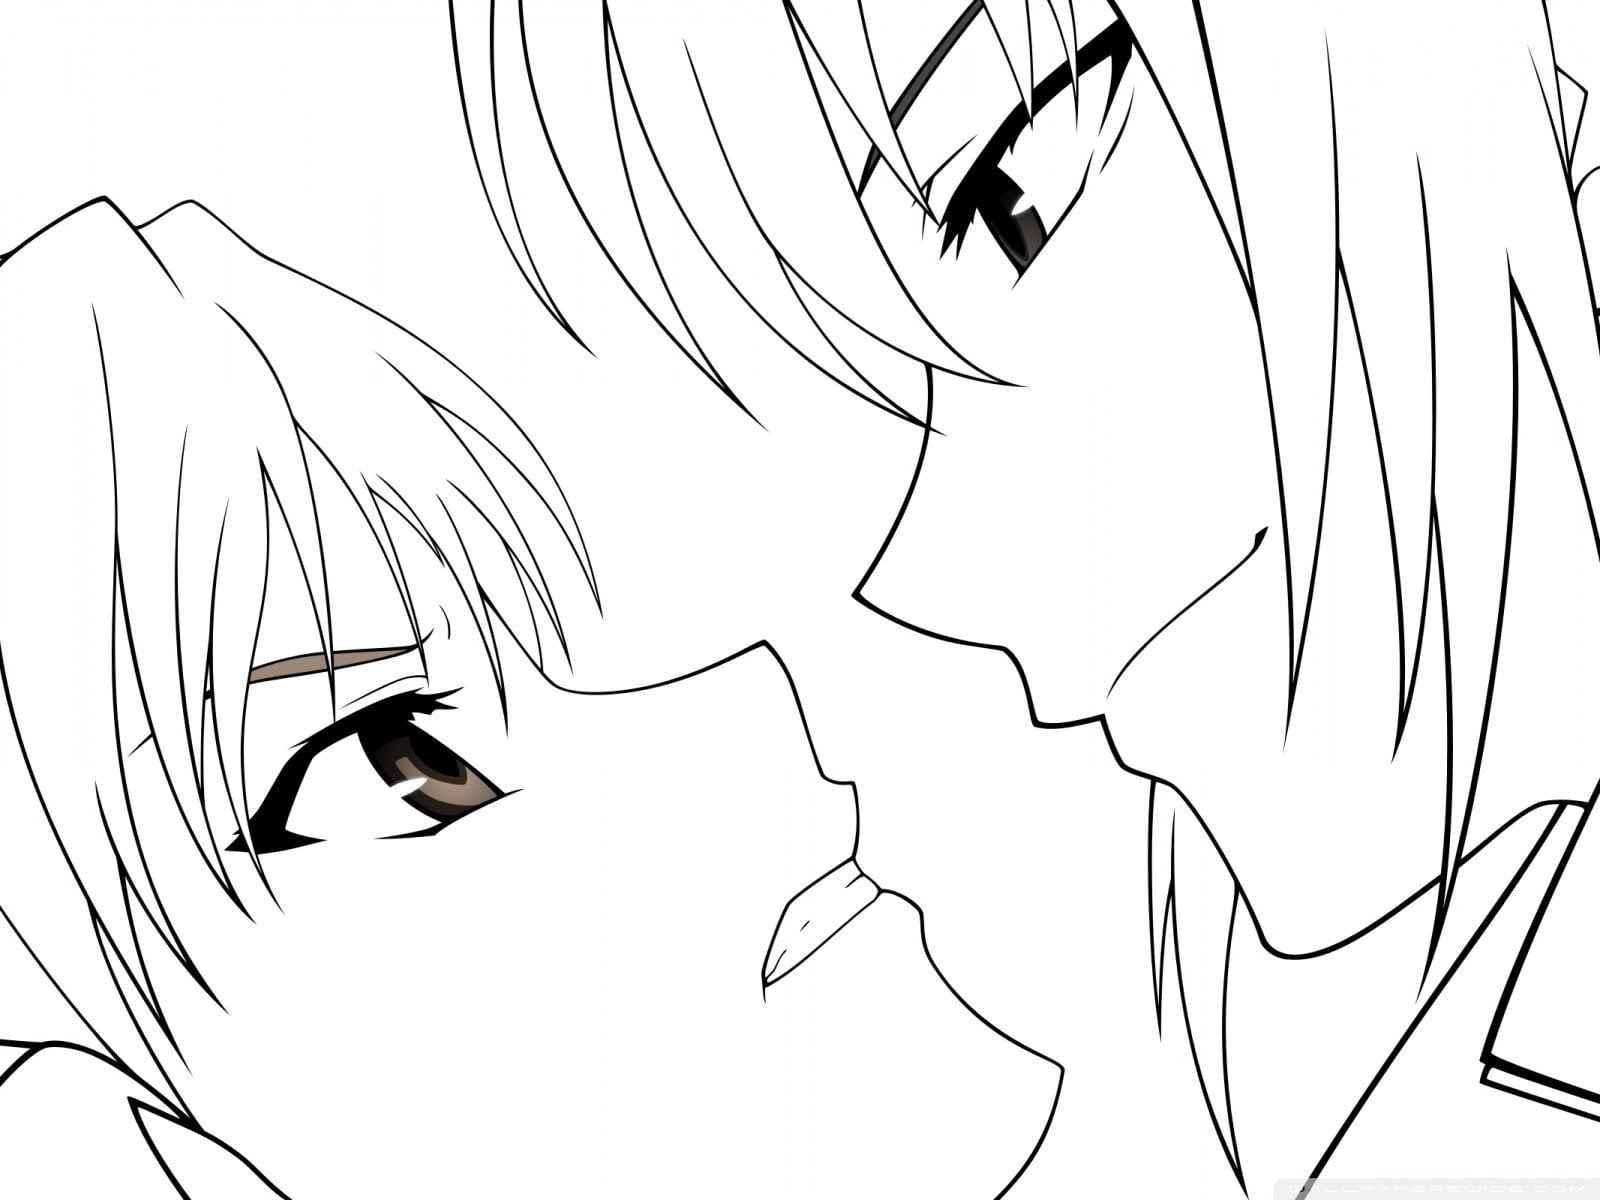 Красивые аниме девушки для срисовки, рисунки 08